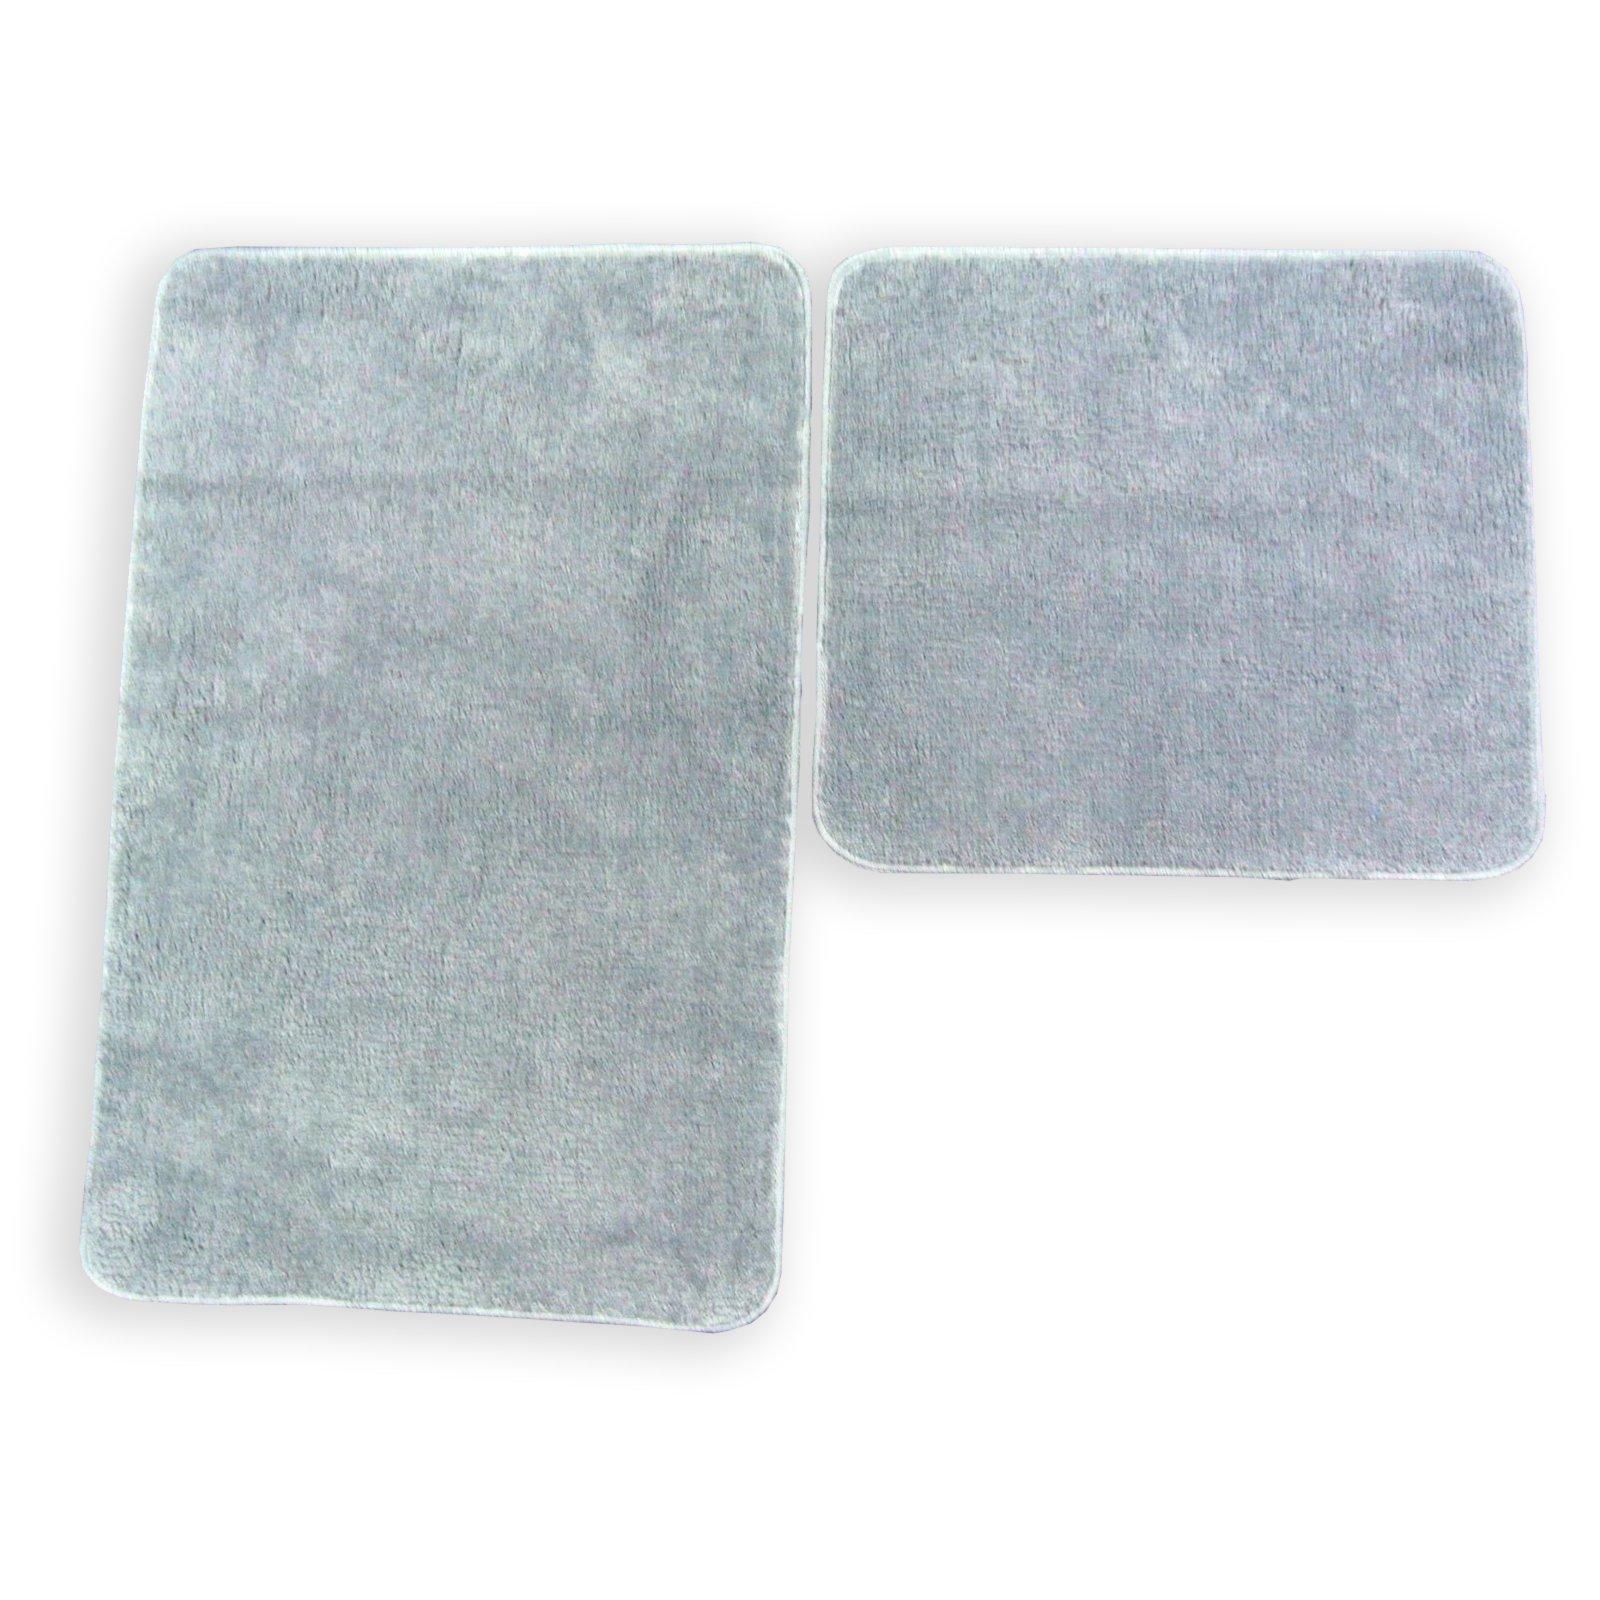 badgarnitur katy grau 2 teilig ohne ausschnitt badteppiche matten badtextilien. Black Bedroom Furniture Sets. Home Design Ideas